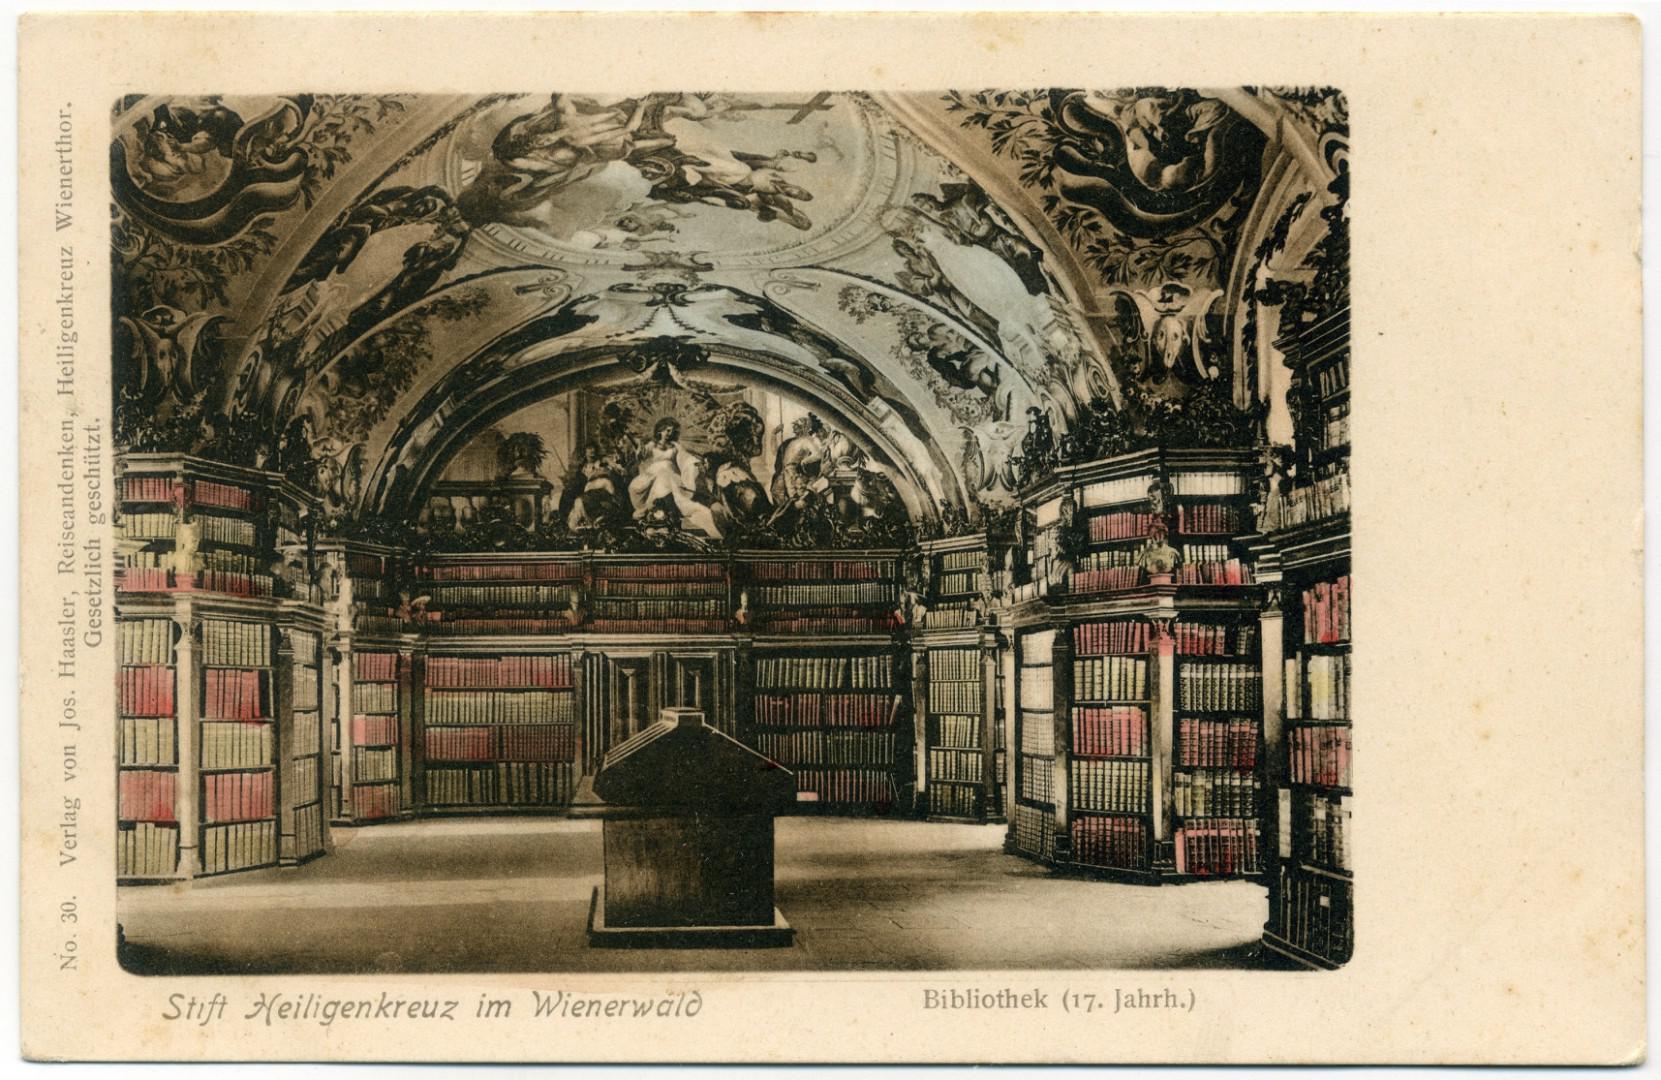 Stift Heiligenkreuz - Bibliothek (Goldener Saal)